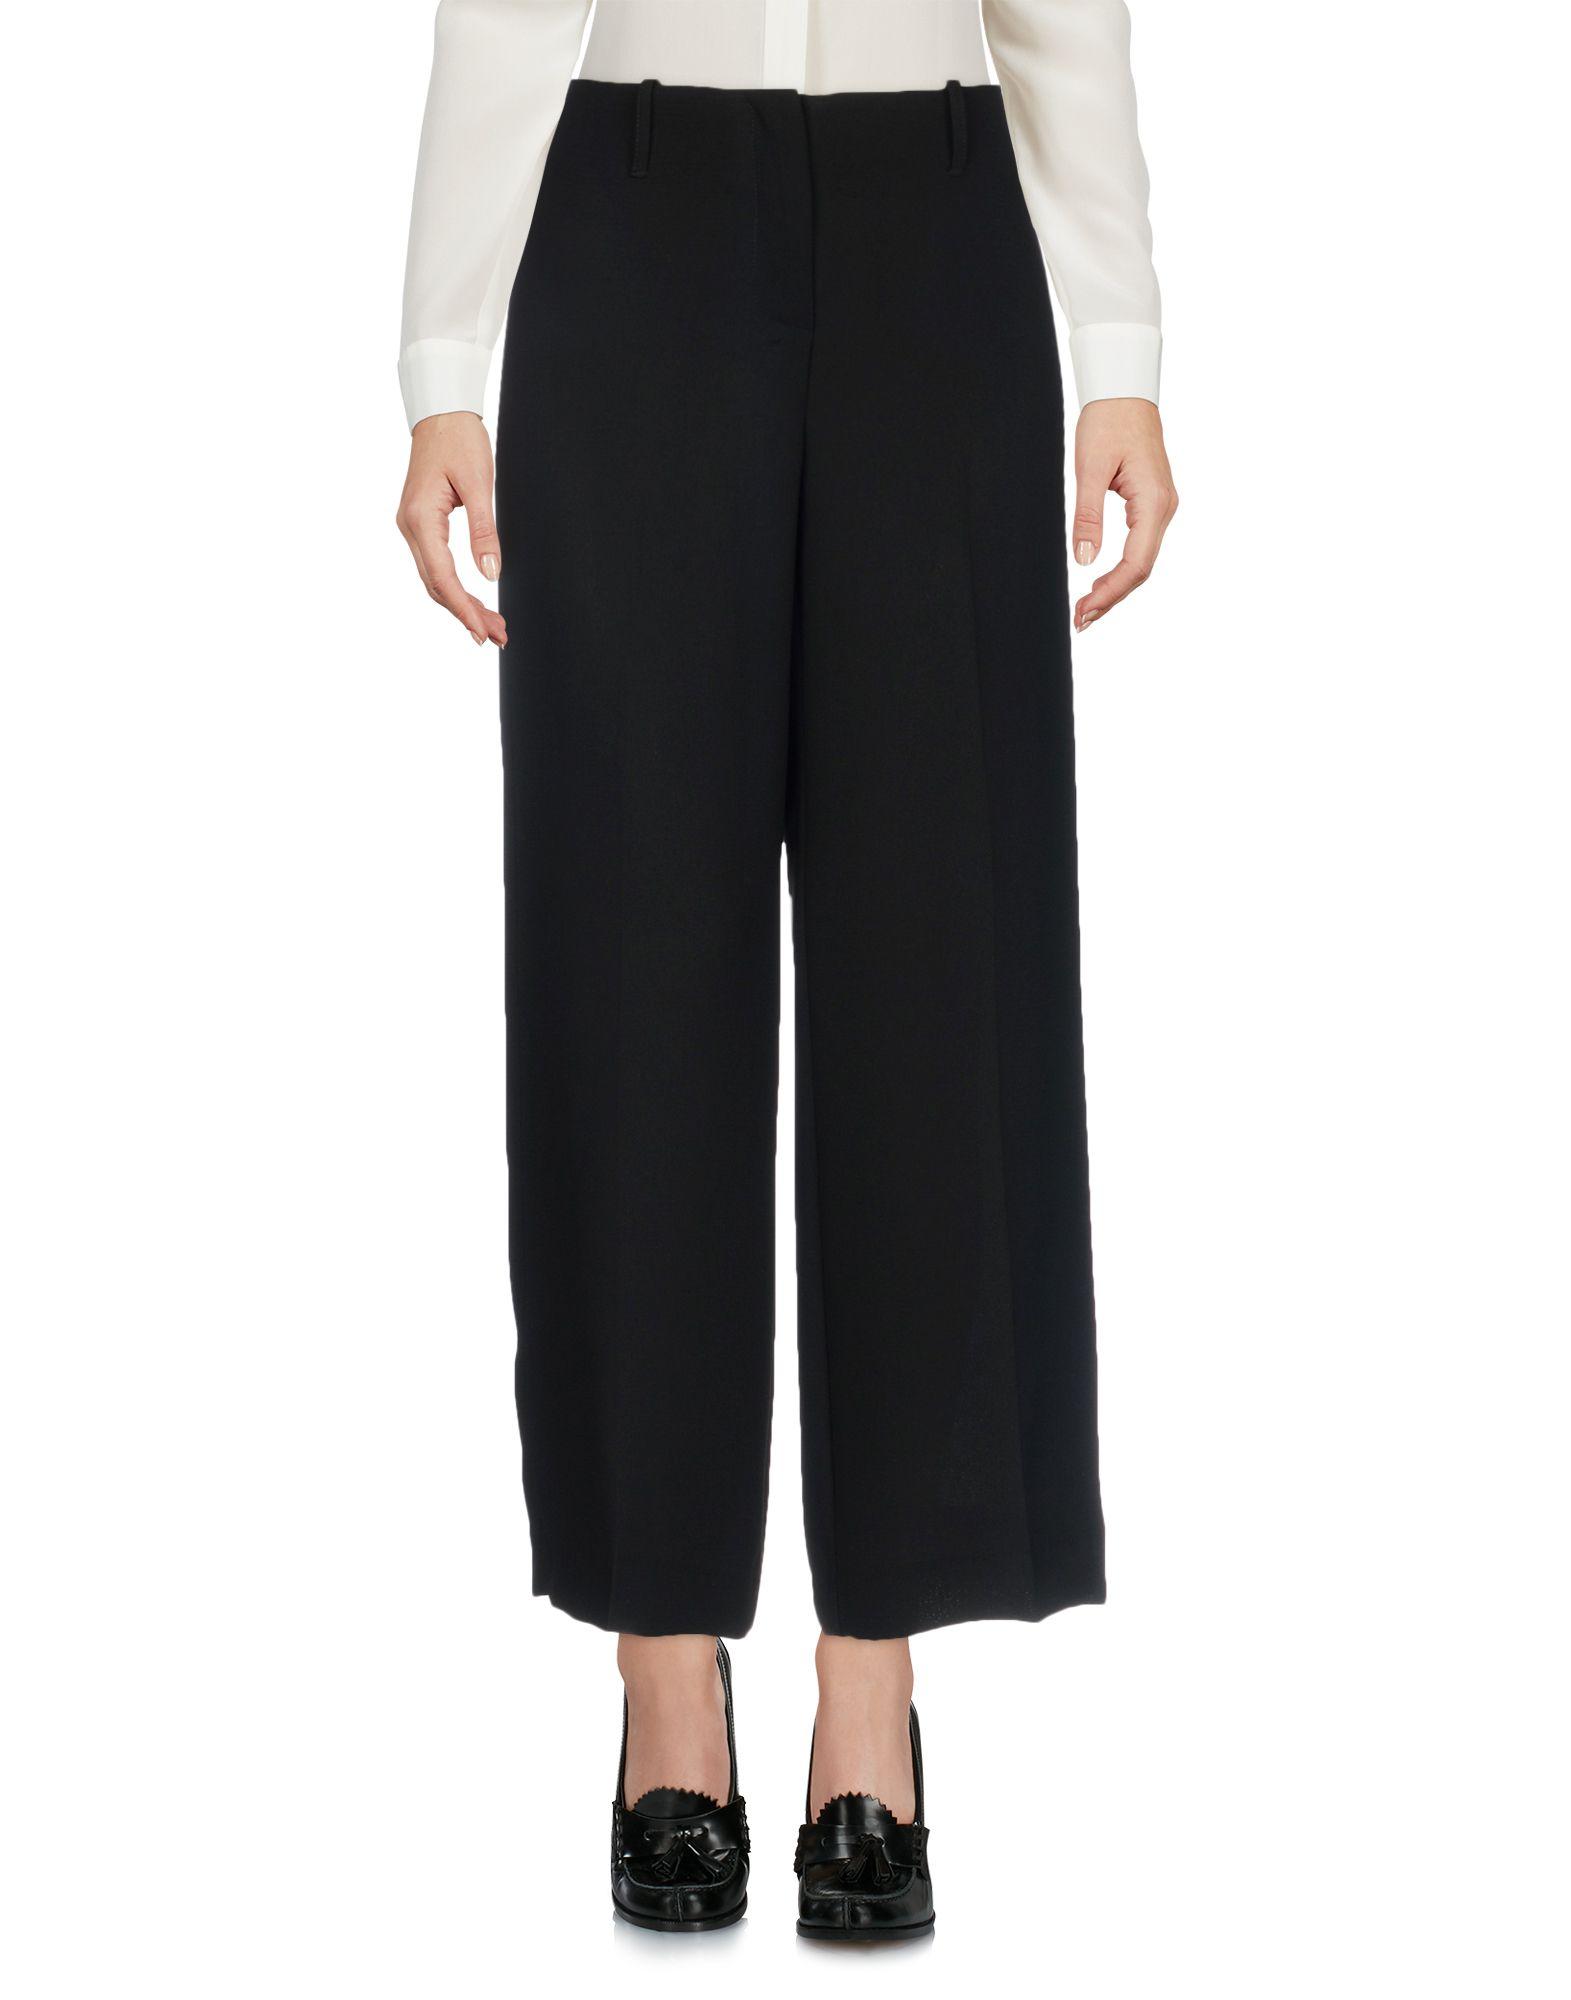 CHIARA B. Повседневные брюки три четверти брюки moda di chiara брюки широкие